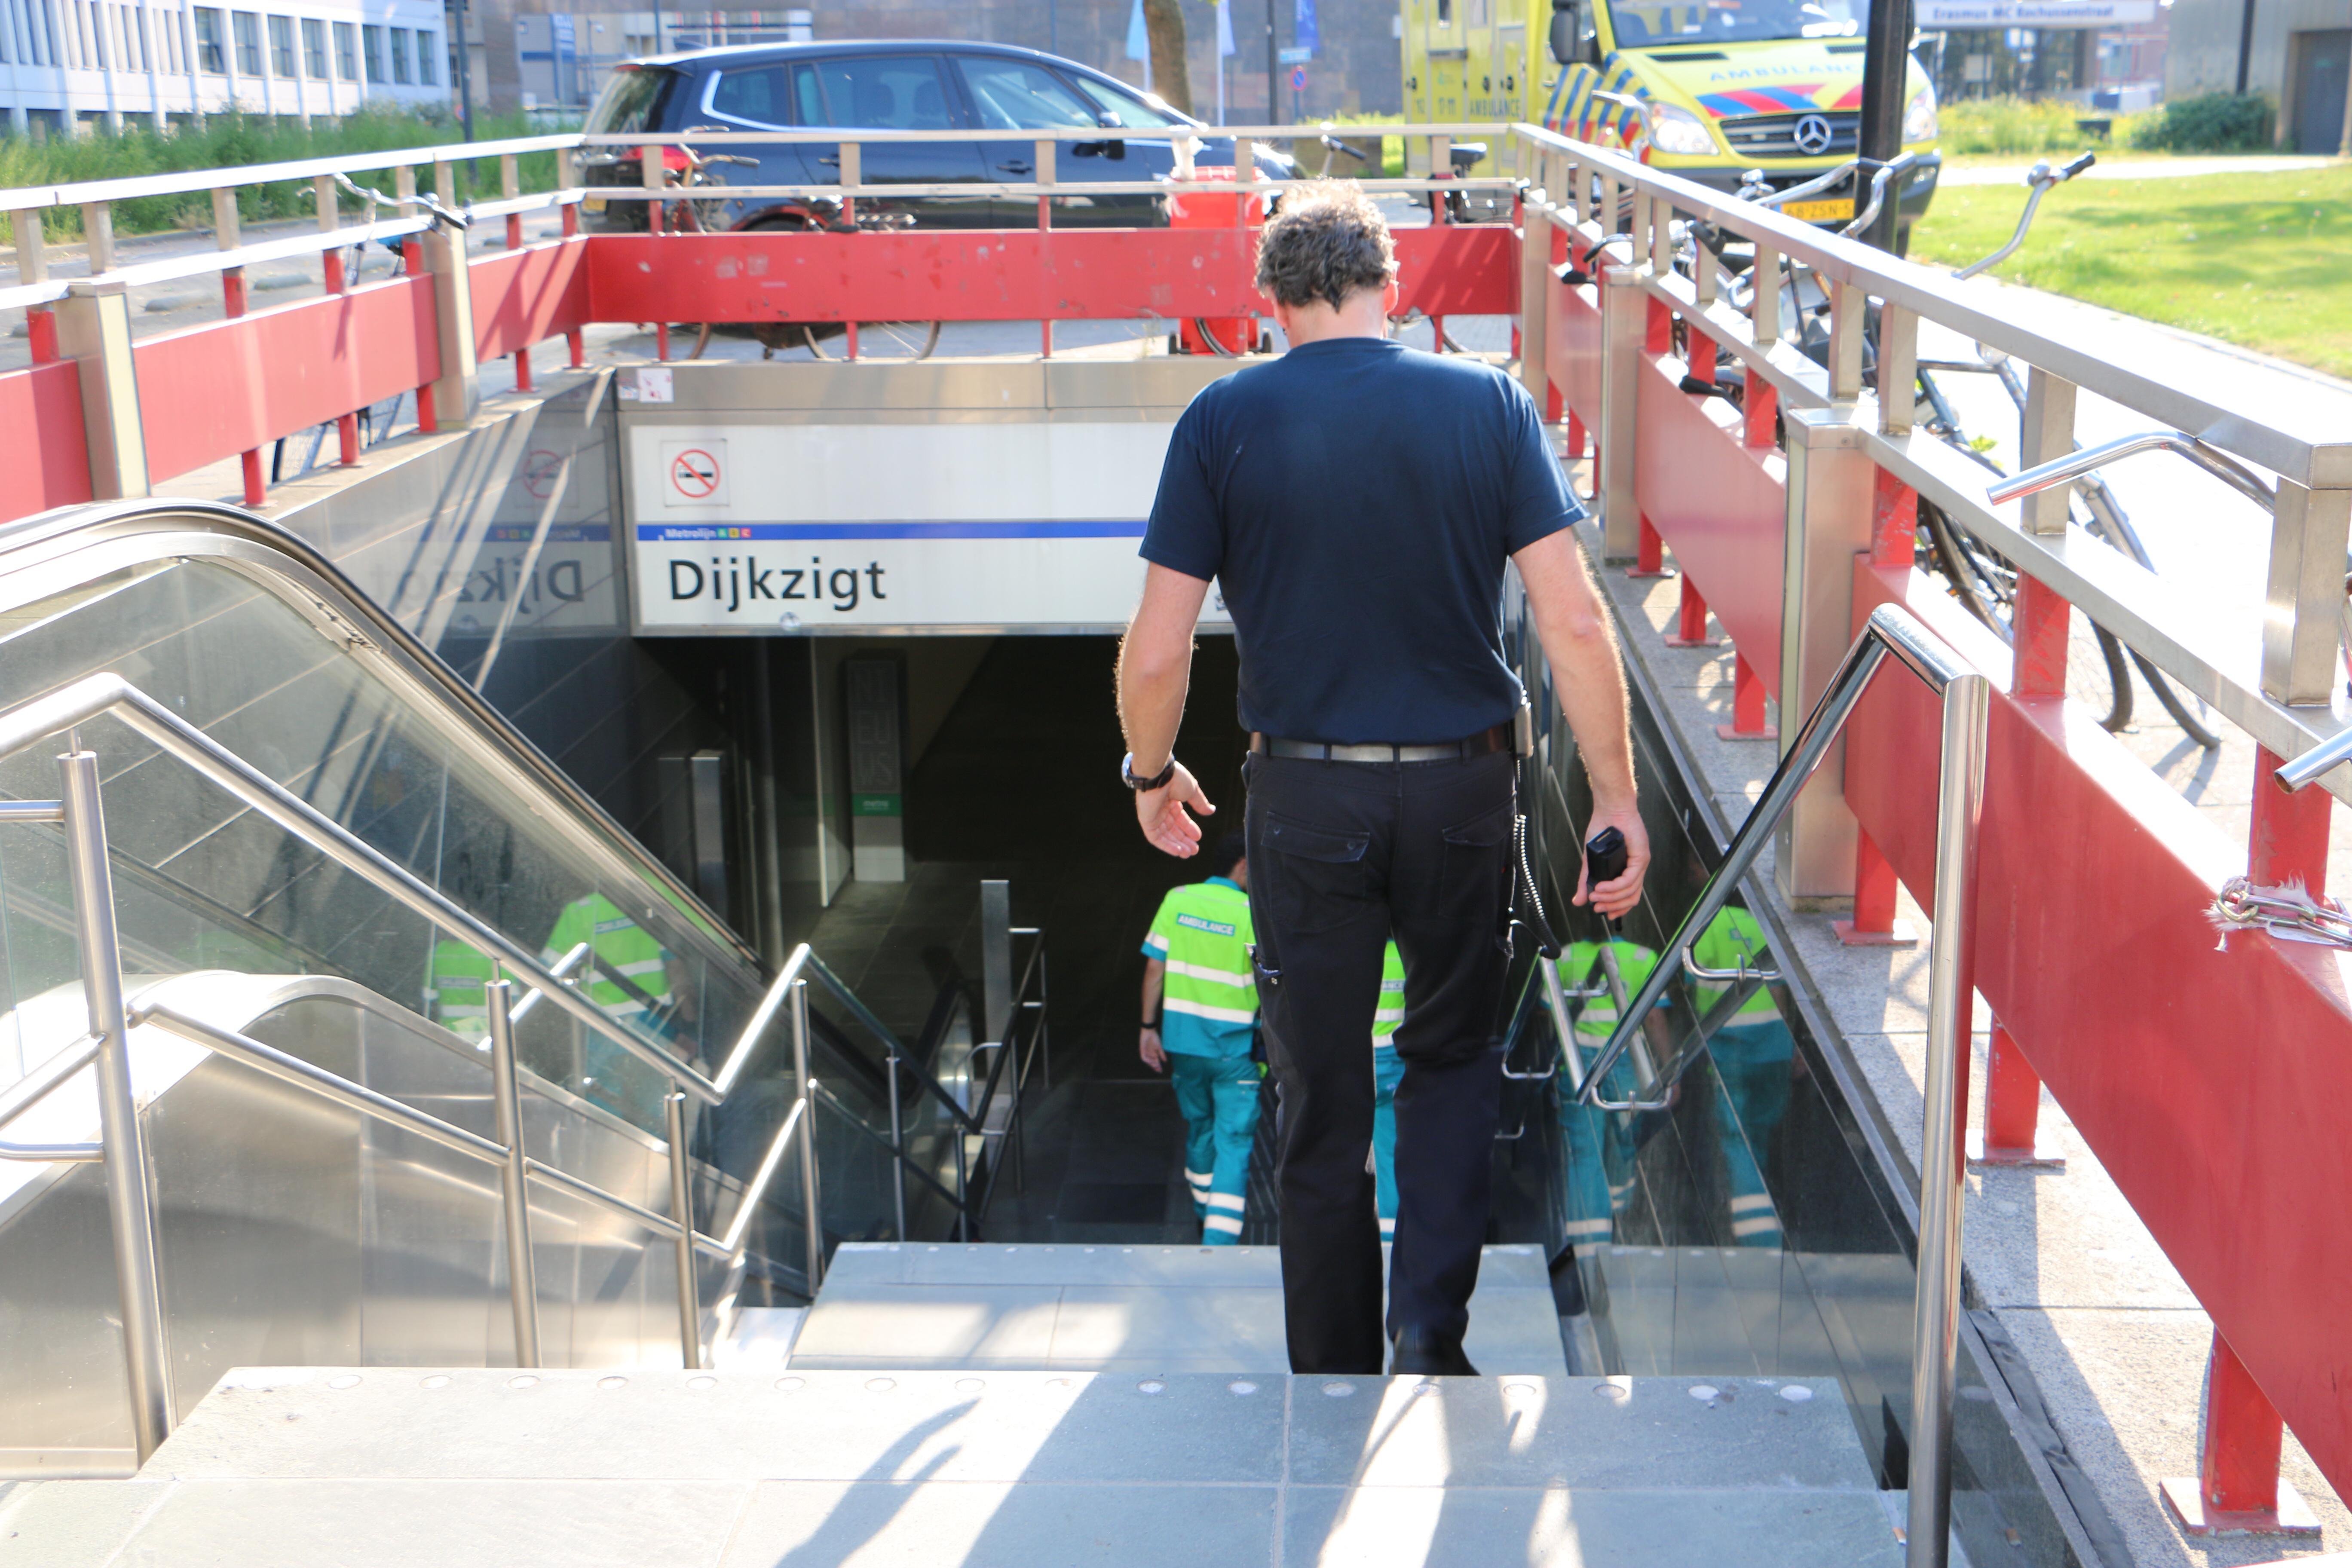 Ongeval Metrostation DijkZigt.